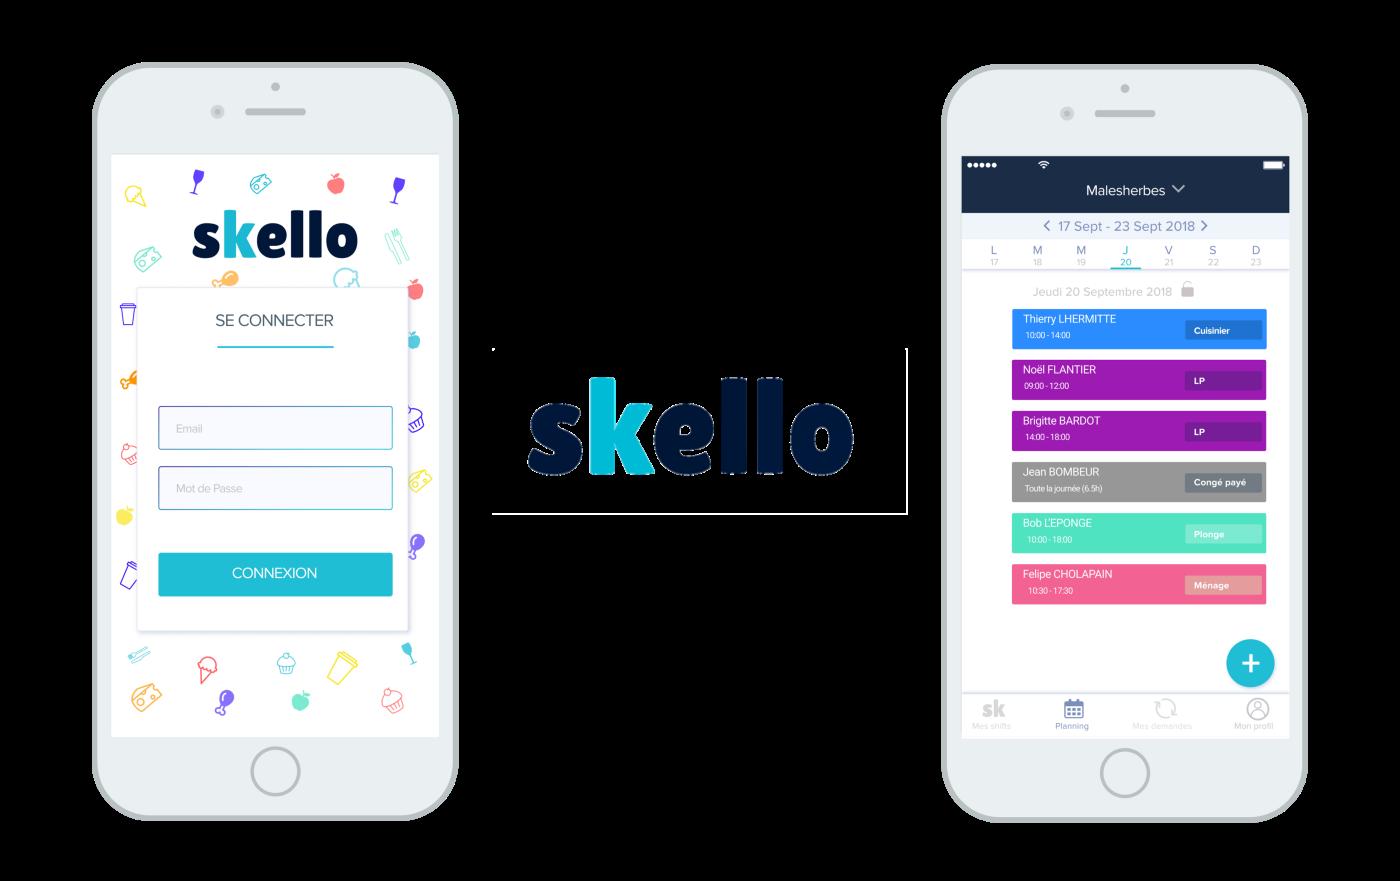 Les coulisses de la nouvelle application Skello